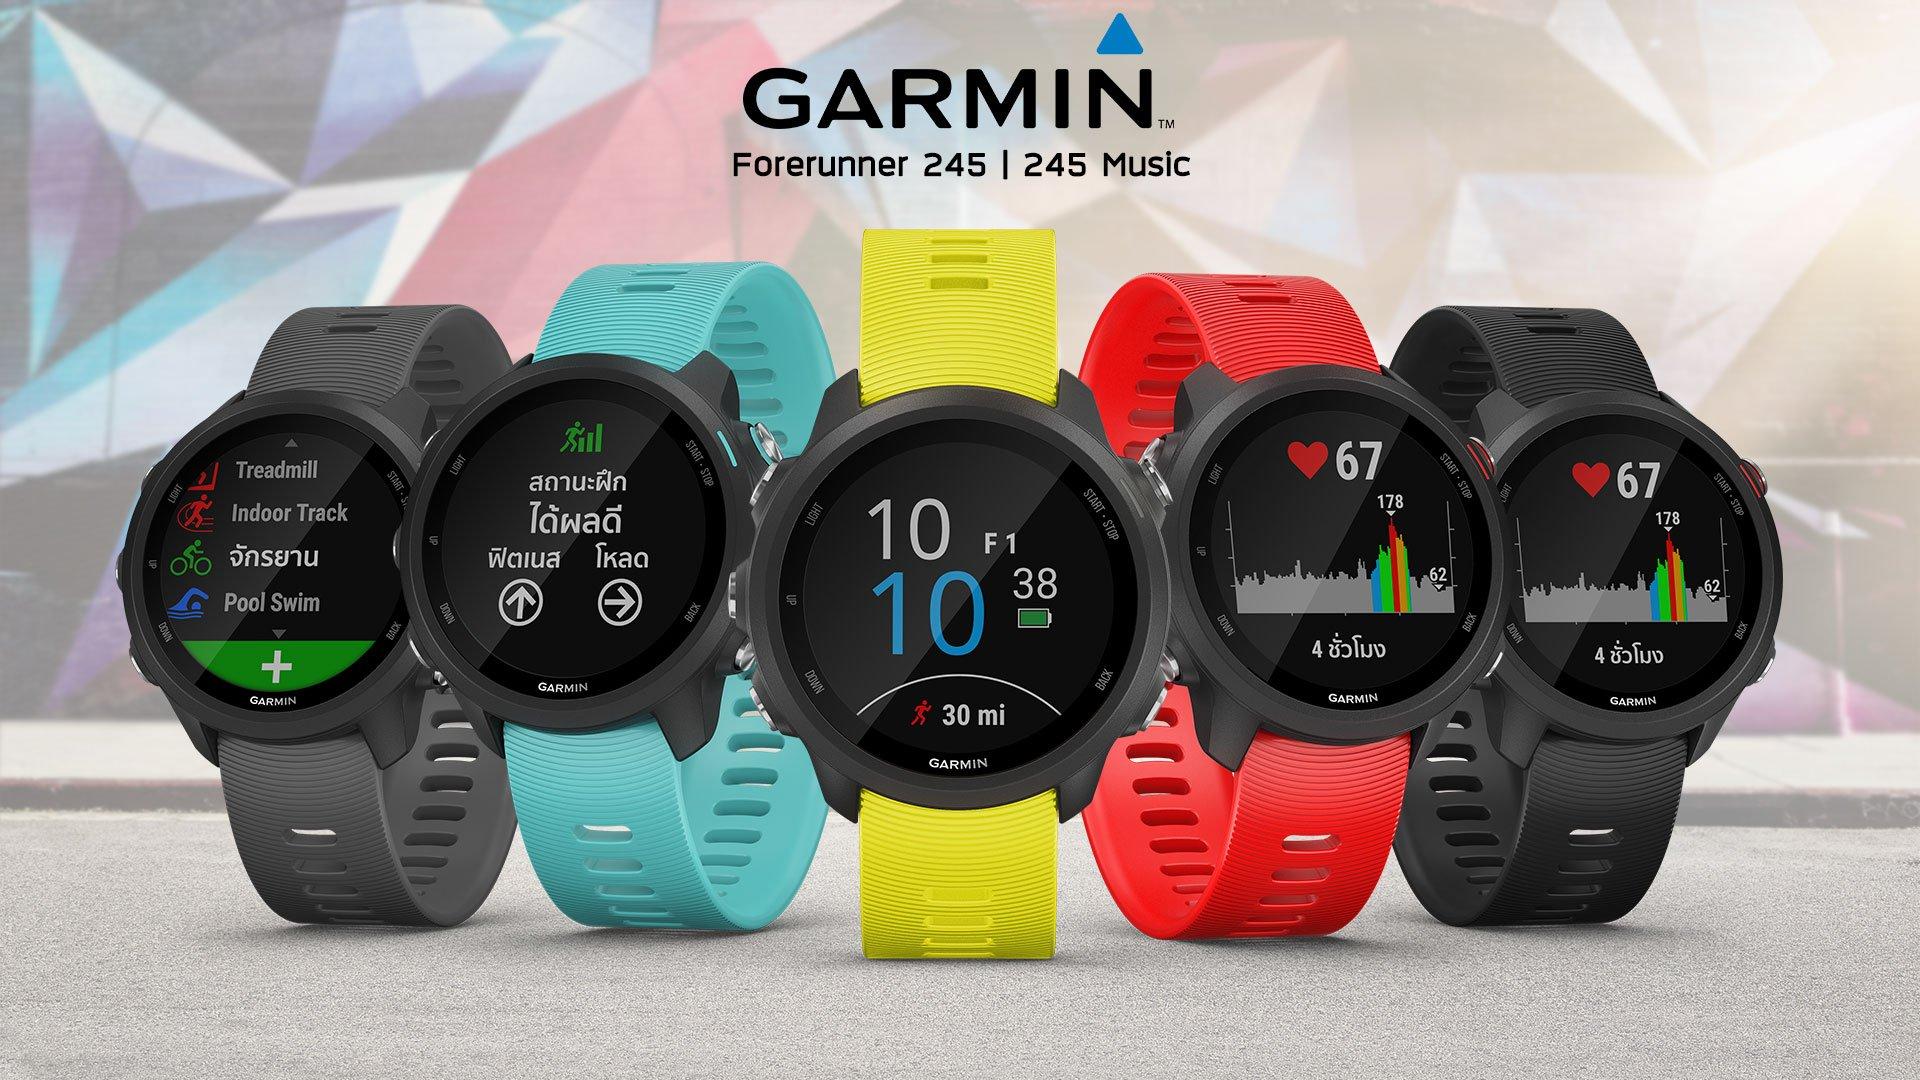 Garmin Smartwatch Forerunner 245 Music Lava Red